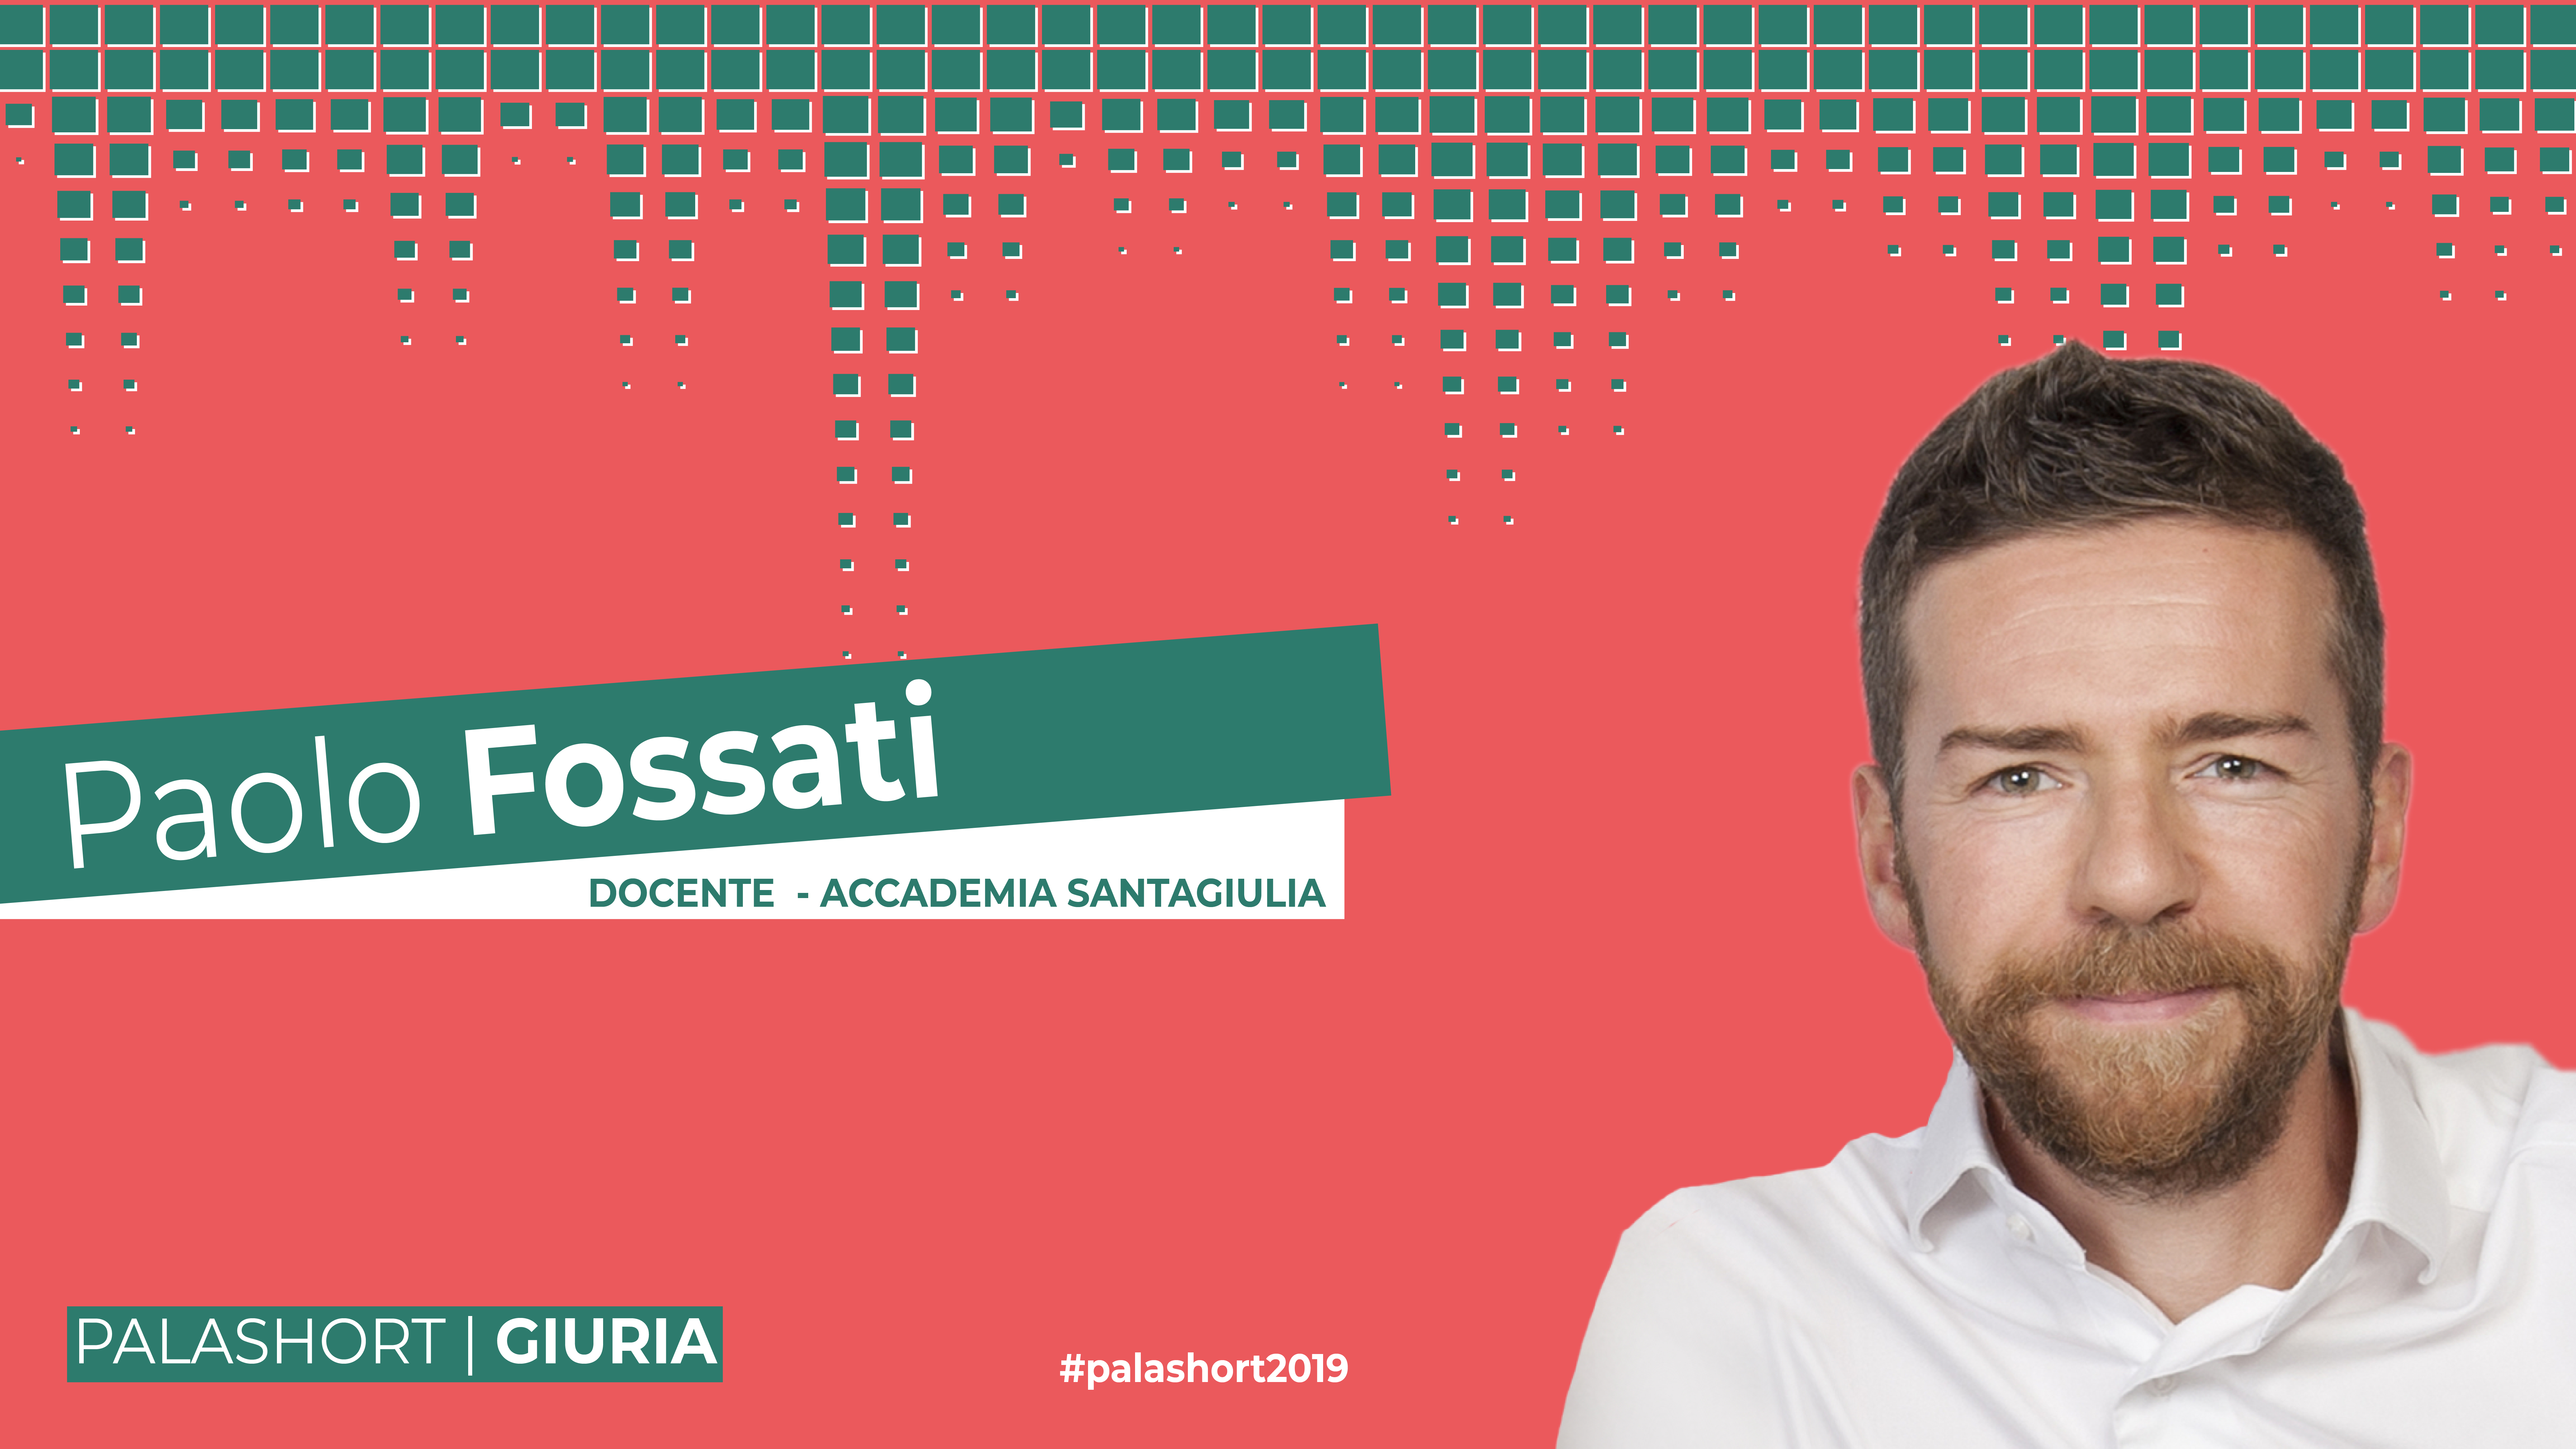 LA GIURIA DI ESPERTI DI PALASHORT: TRE DOMANDE A PAOLO FOSSATI!